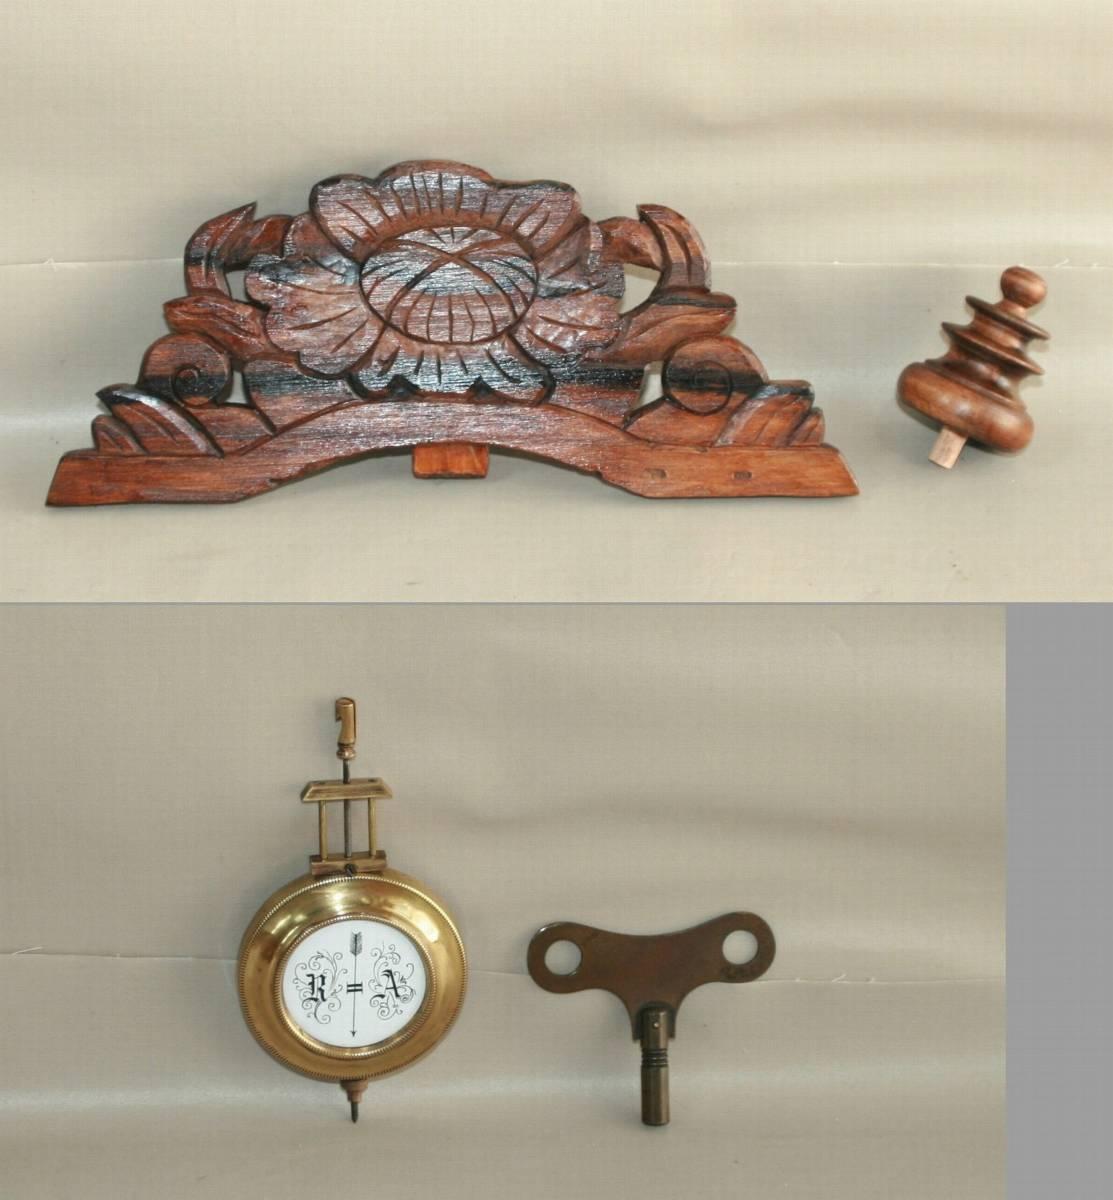 OH済み:黒柿製小型バイオリン型の柱時計・古時計_画像6